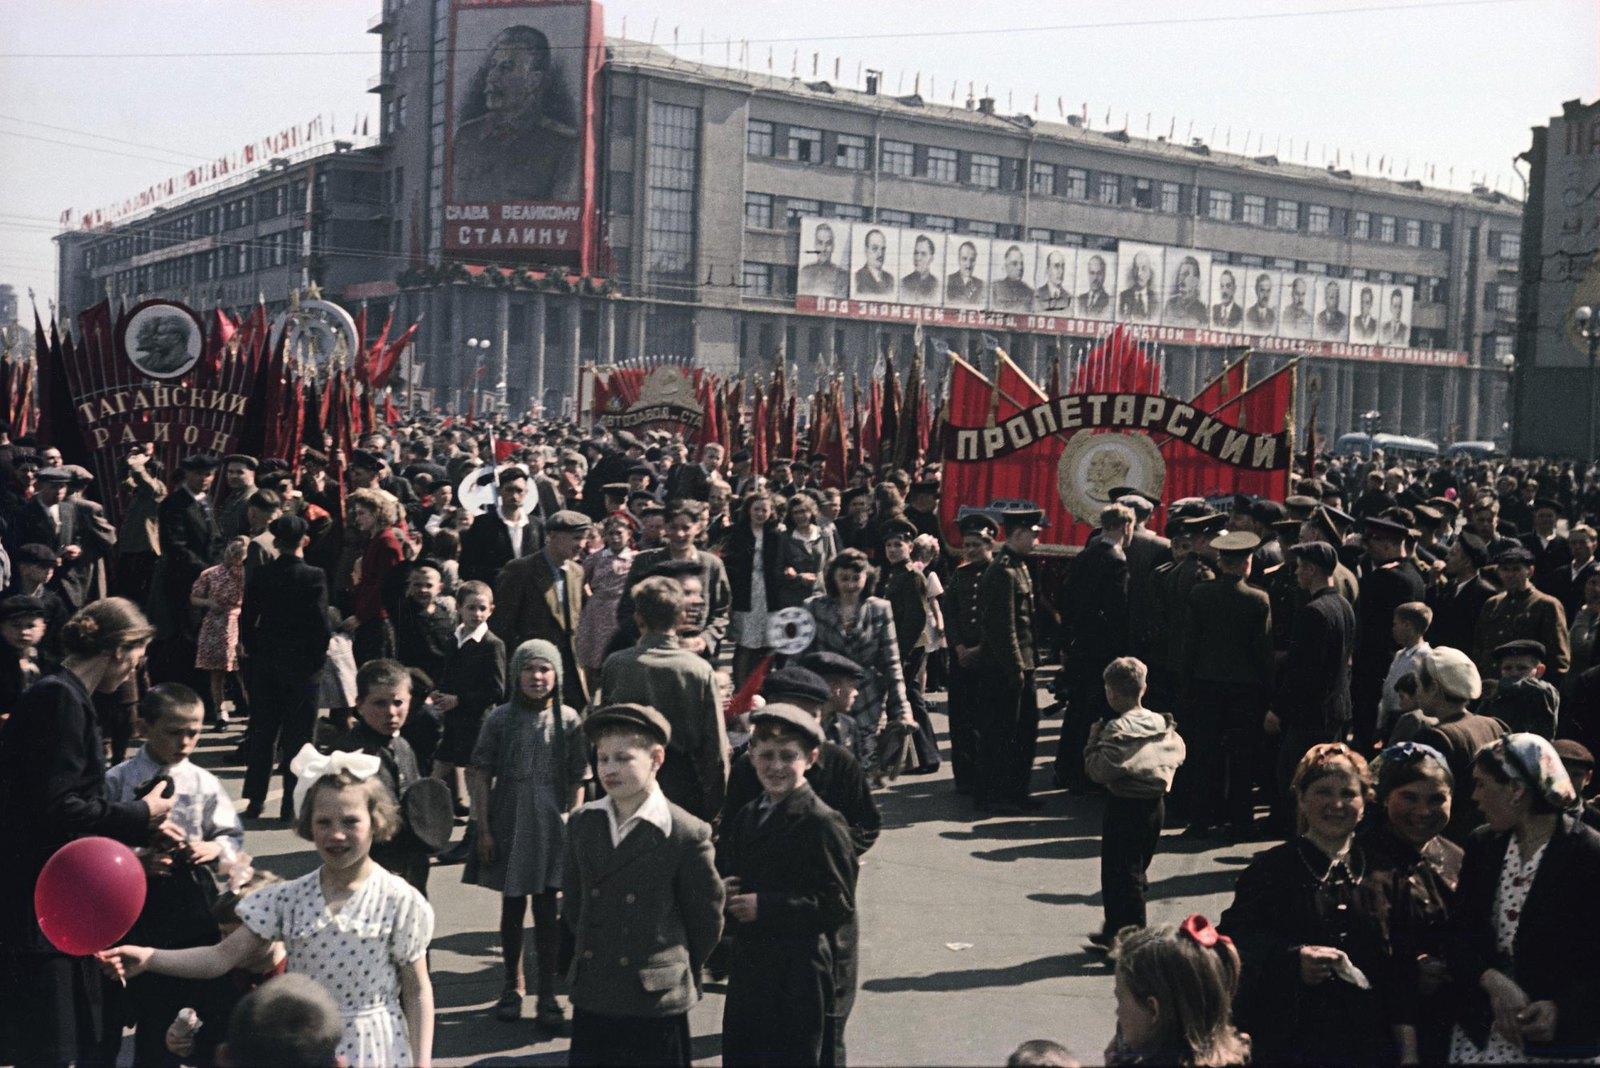 1948. Колонна жителей Пролетарского района на демонстрации. 1 мая1